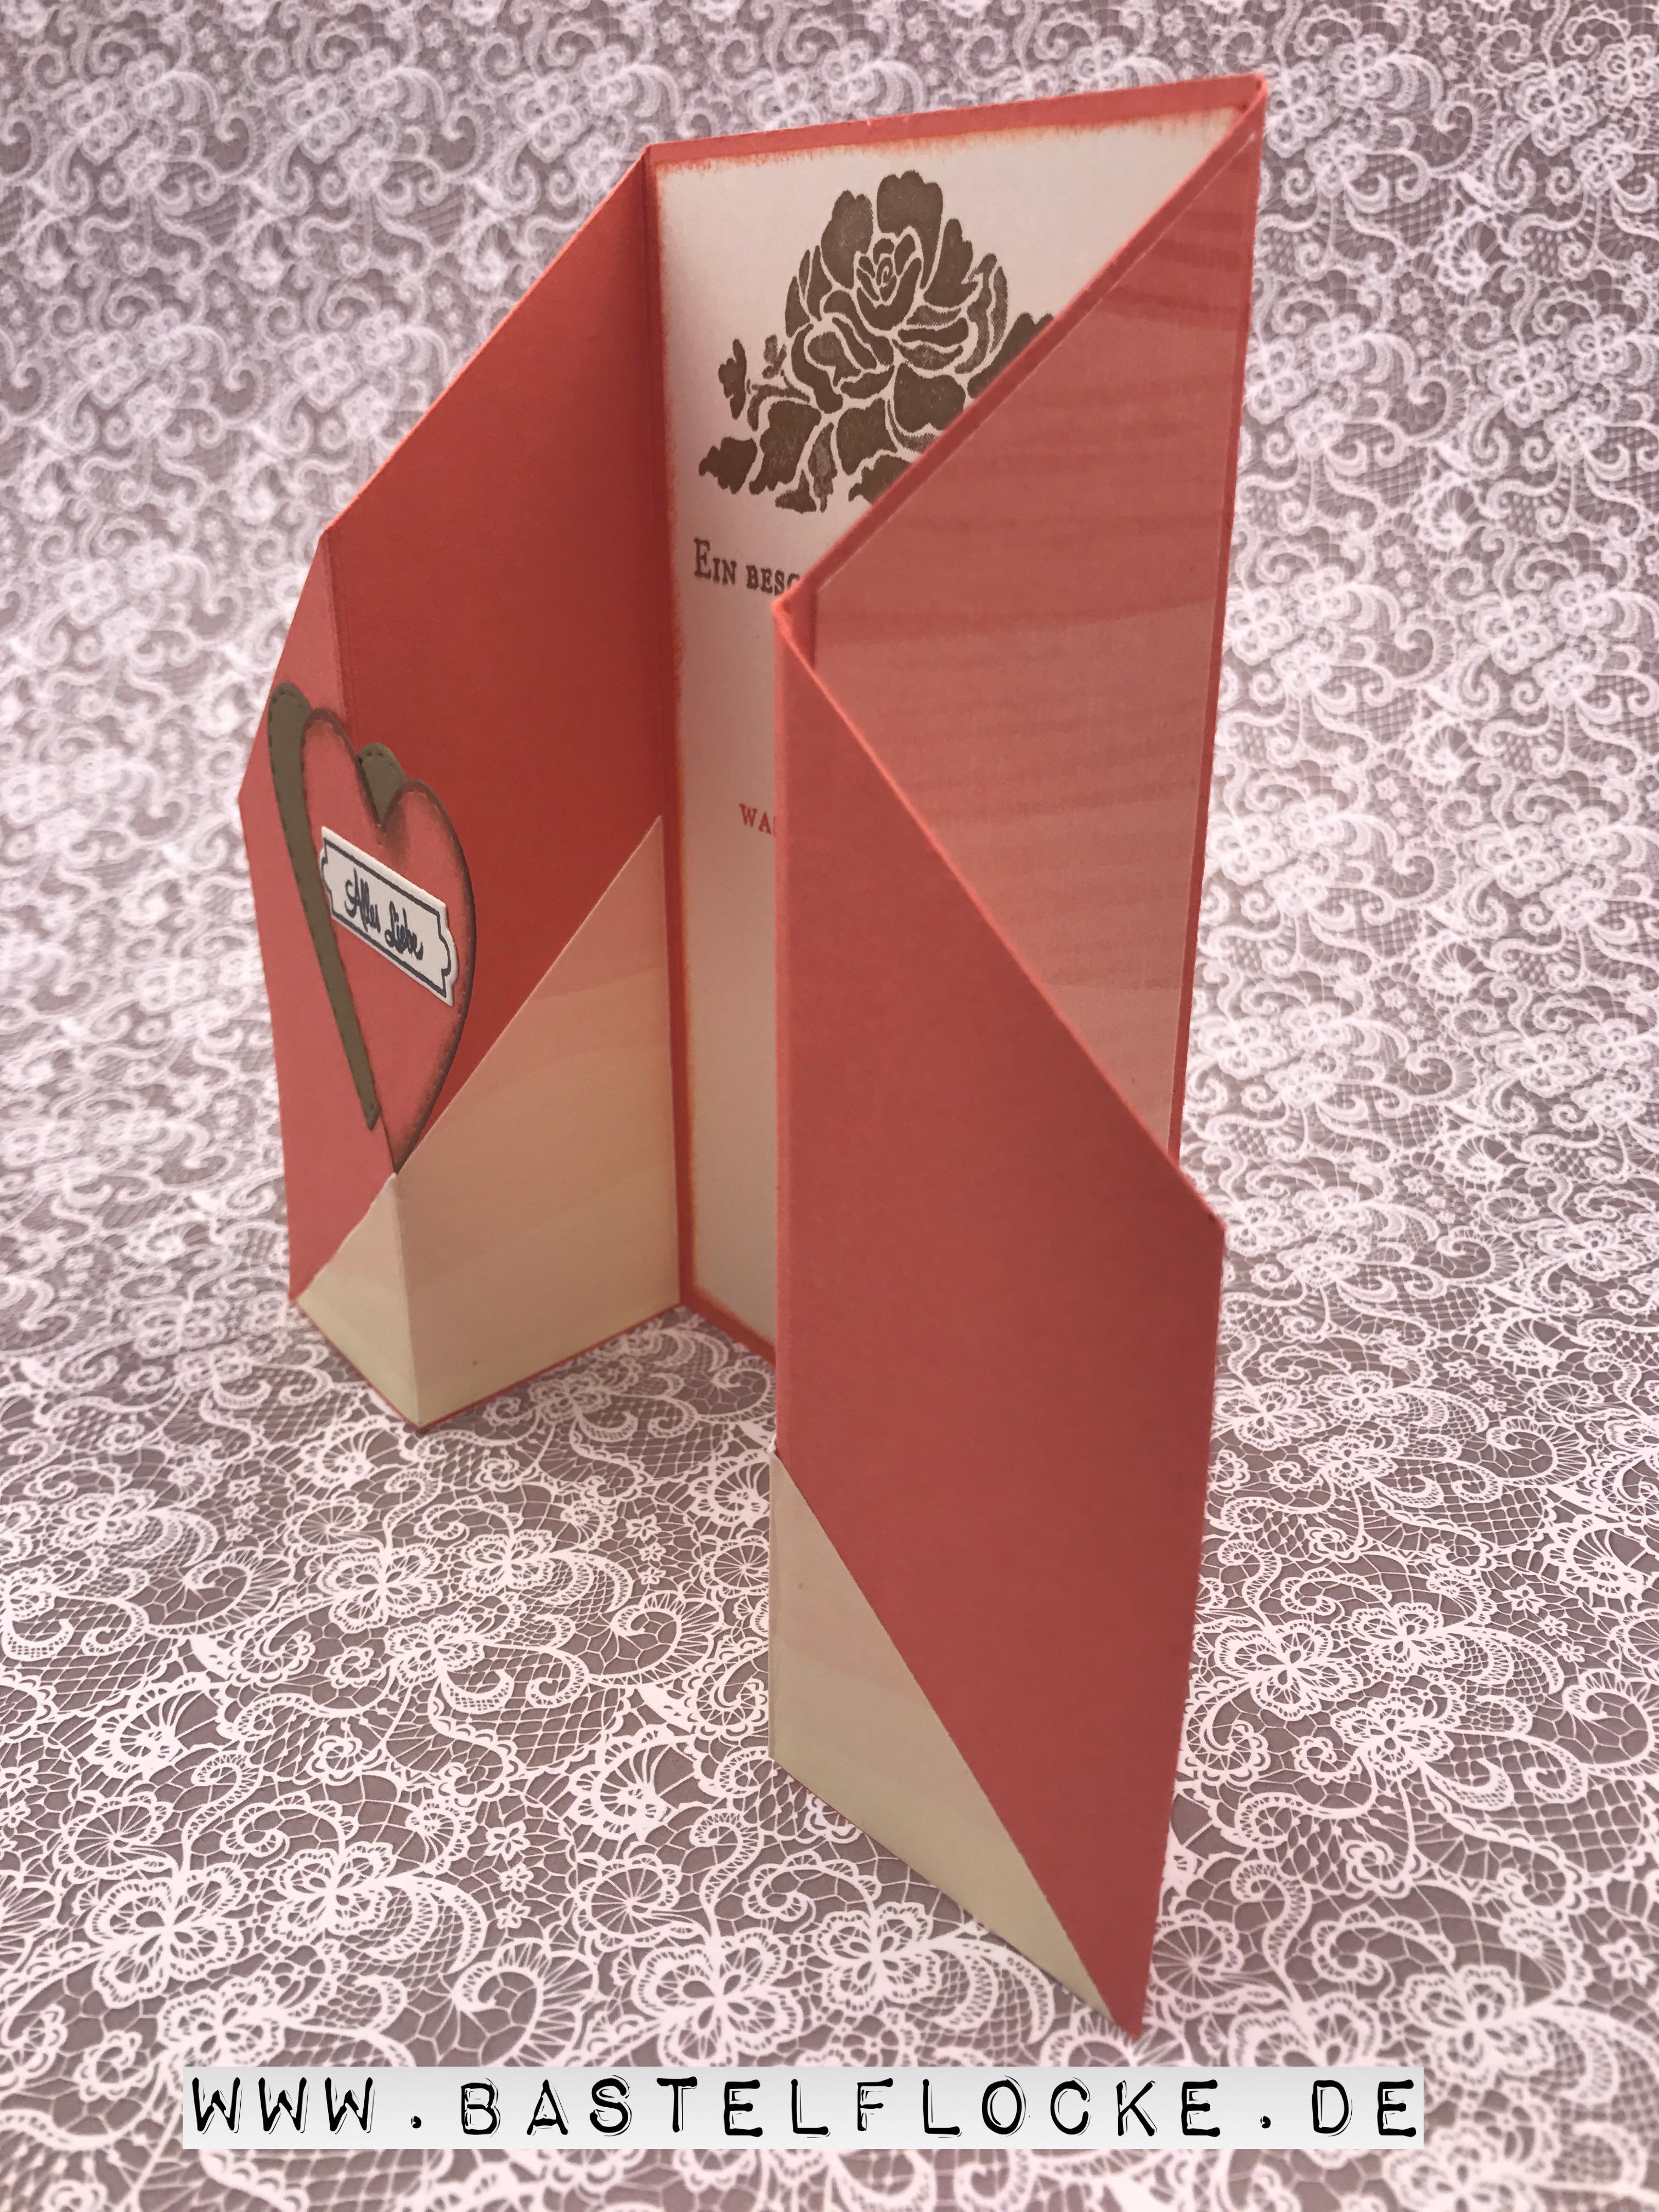 geburtstagskarte f r einen ganz besonderen menschen bastelflocke. Black Bedroom Furniture Sets. Home Design Ideas